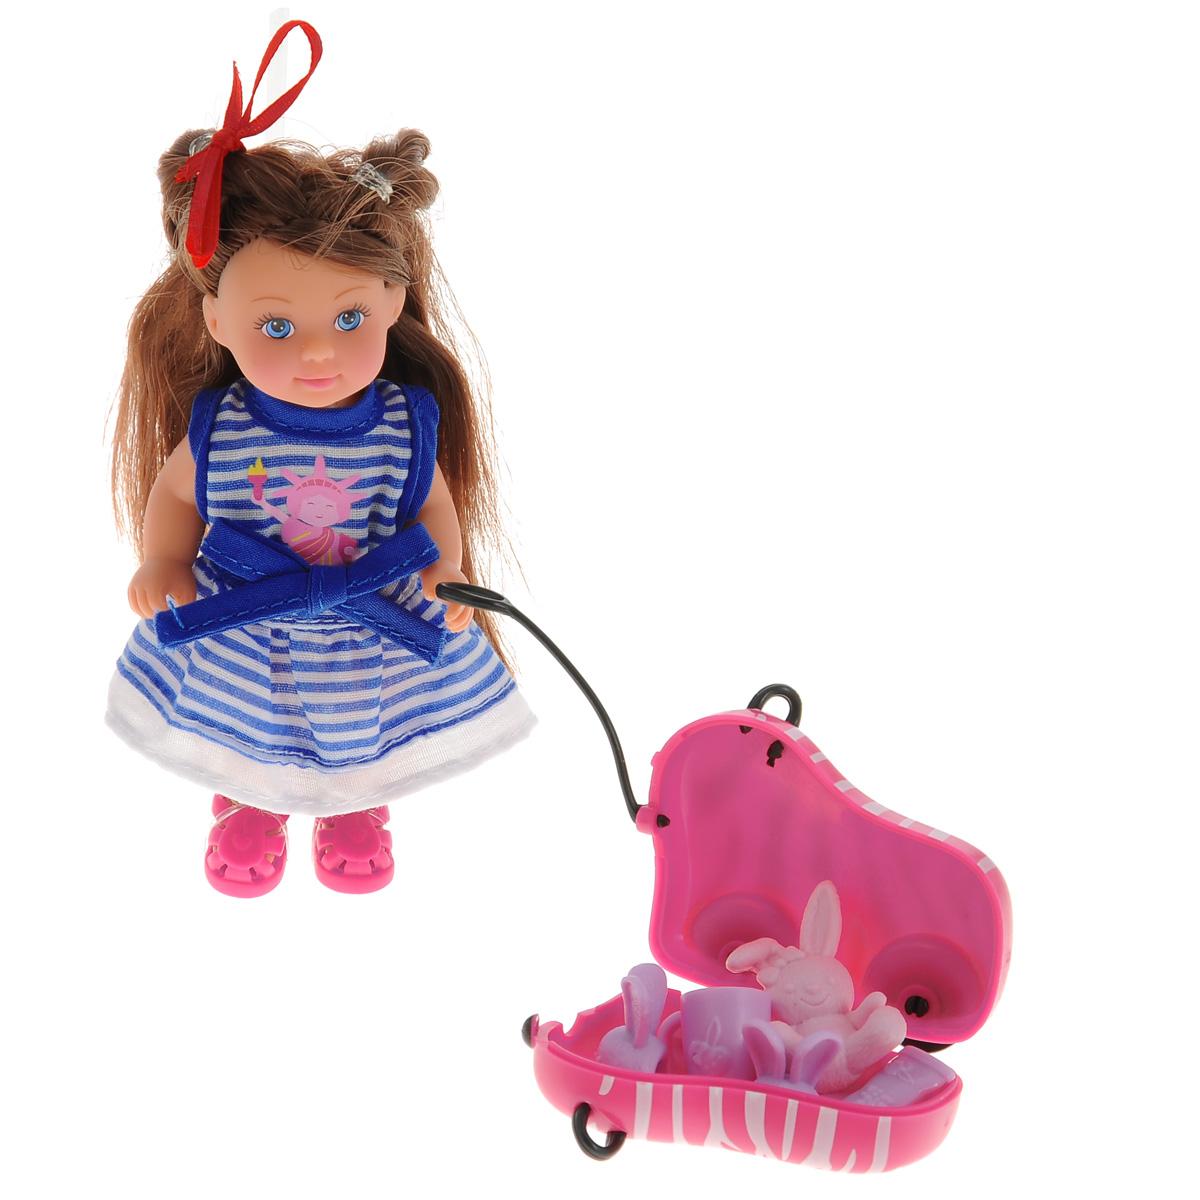 Simba Мини-кукла Еви с чемоданом на колесиках5730942Кукла Simba Еви с чемоданом на колесиках порадует любую девочку и надолго увлечет ее. Малышка Еви одета в очаровательное платье, оформленное актуальным принтом в полоску и украшенное изображением статуи Свободы. Вашей дочурке непременно понравится заплетать длинные каштановые волосы куклы, придумывая разнообразные прически. В комплект также входят дополнительные аксессуары - чемодан на колесиках, игрушка-зайчик, чашка, зубная щетка, тюбик зубной пасты, тапочки. Все аксессуары выполнены из прочного пластика. Руки, ноги и голова куклы подвижны, благодаря чему ей можно придавать разнообразные позы. Колесики чемодана вращаются. Игры с куклой способствуют эмоциональному развитию, помогают формировать воображение и художественный вкус, а также разовьют в вашей малышке чувство ответственности и заботы. Великолепное качество исполнения делают эту куколку чудесным подарком к любому празднику.